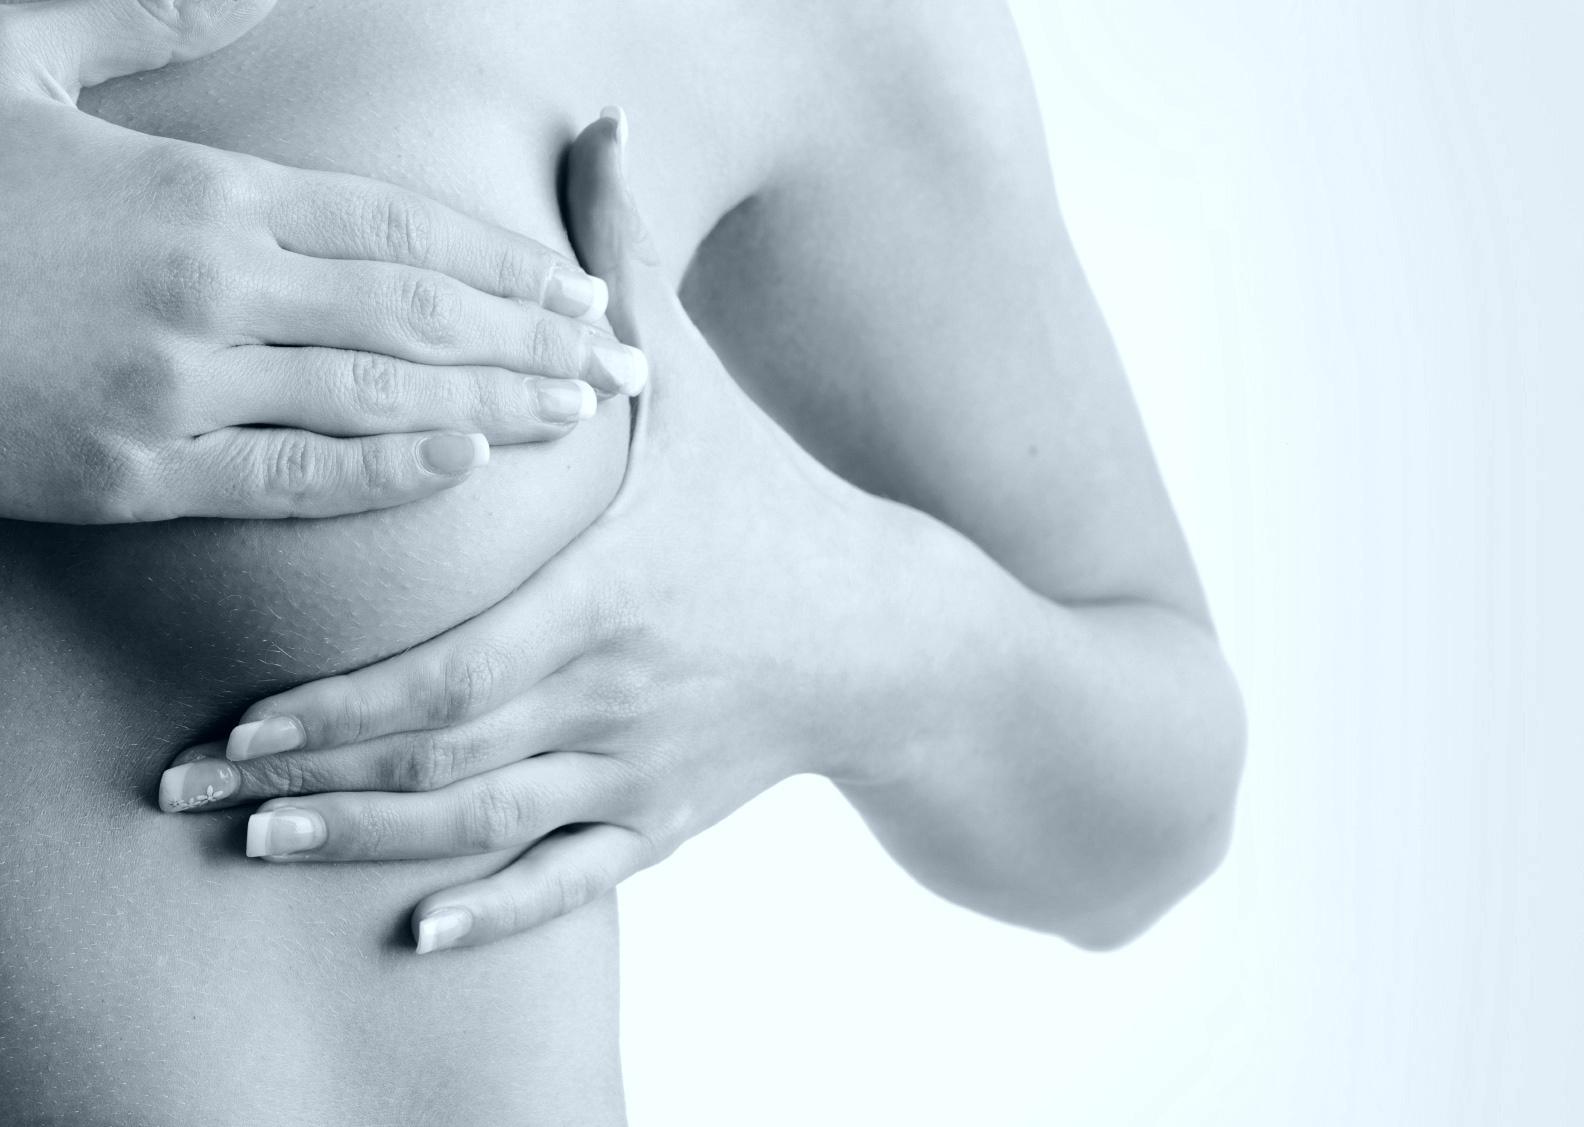 Сексуальная жизнь и фиброаденома груди